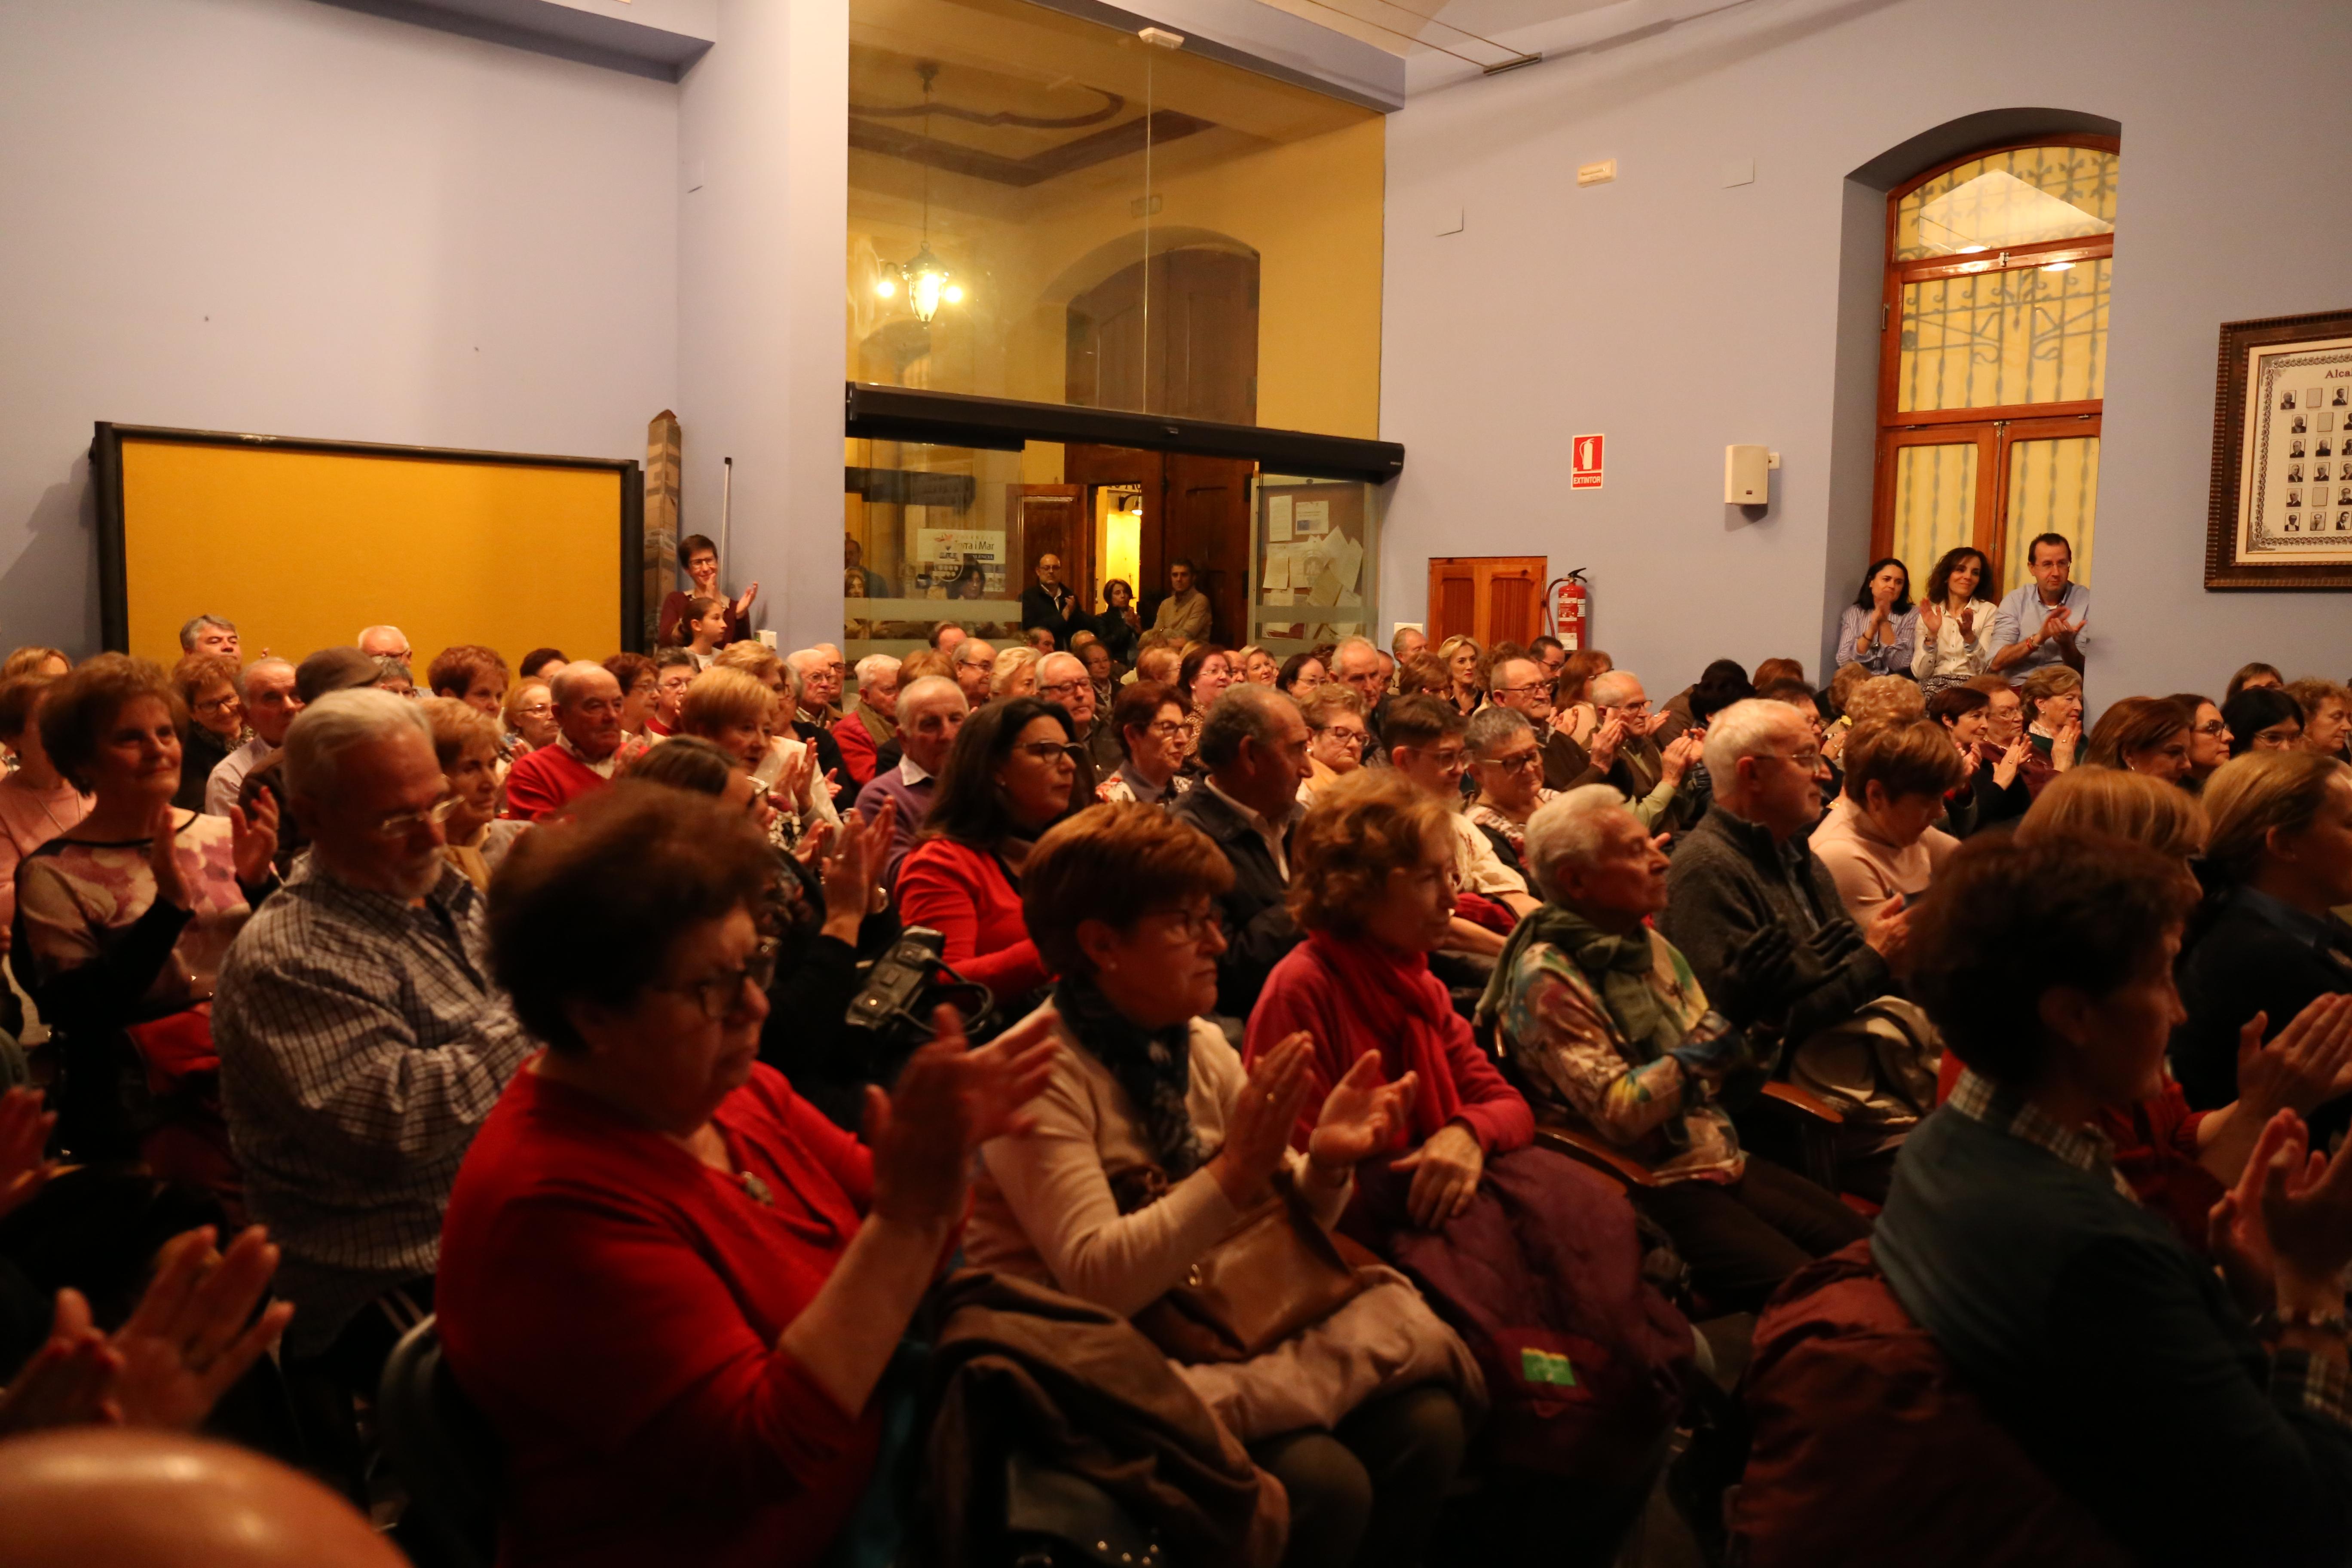 El pasado viernes, 30 de noviembre, el salón de plenos del Ayuntamiento se quedó pequeño para acoger el homenaje que familiares y allegados dedicaron Leonardo Casadó Carrión.